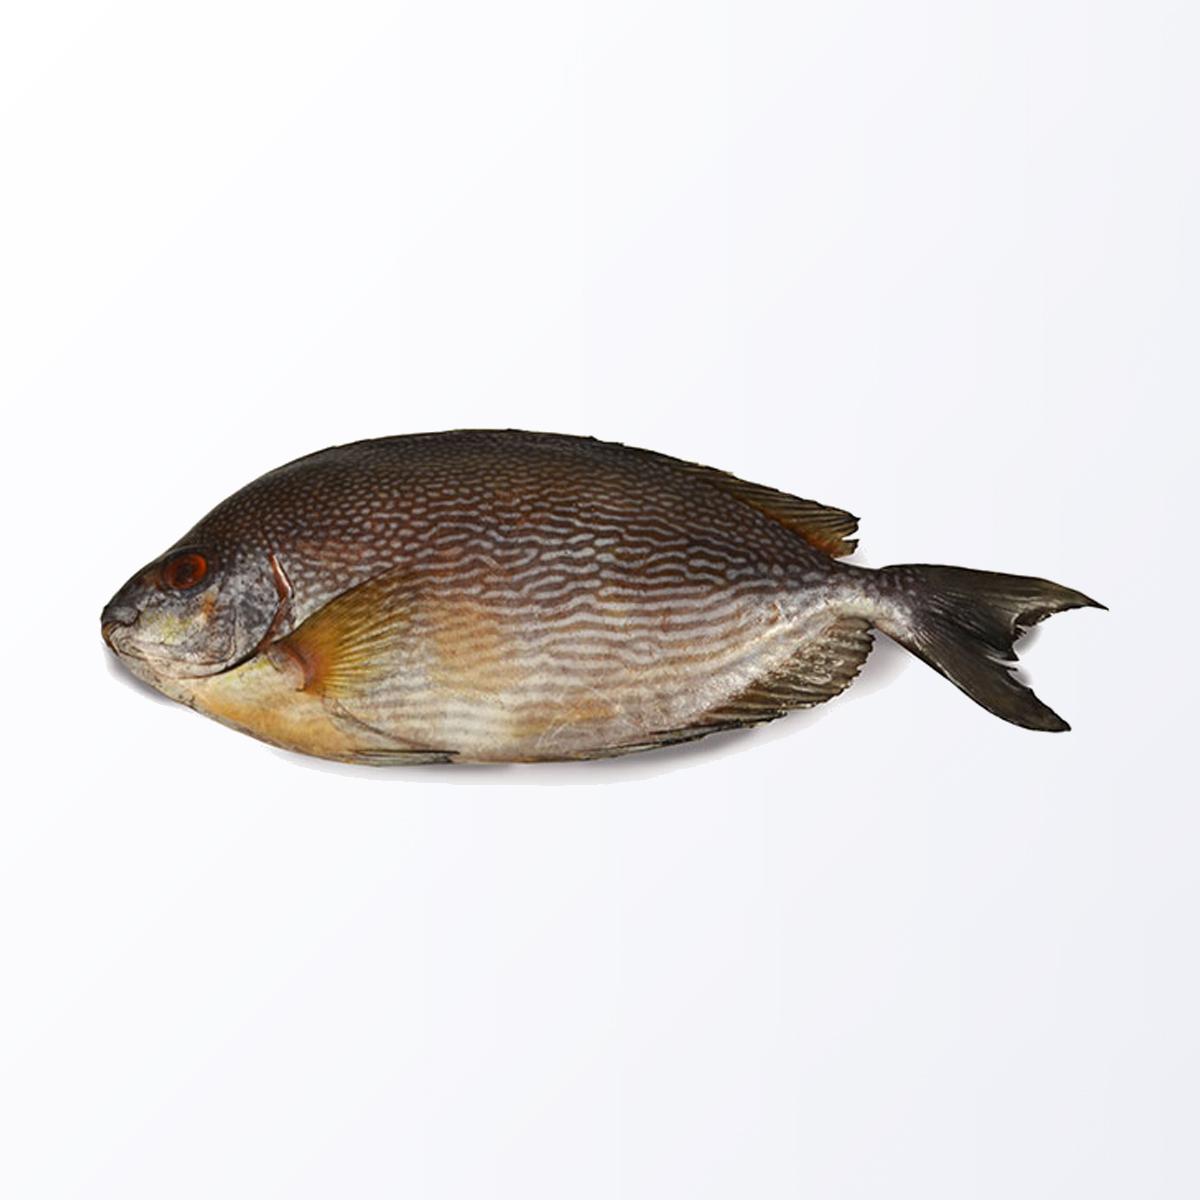 RAB117-Rabbitfish.jpg